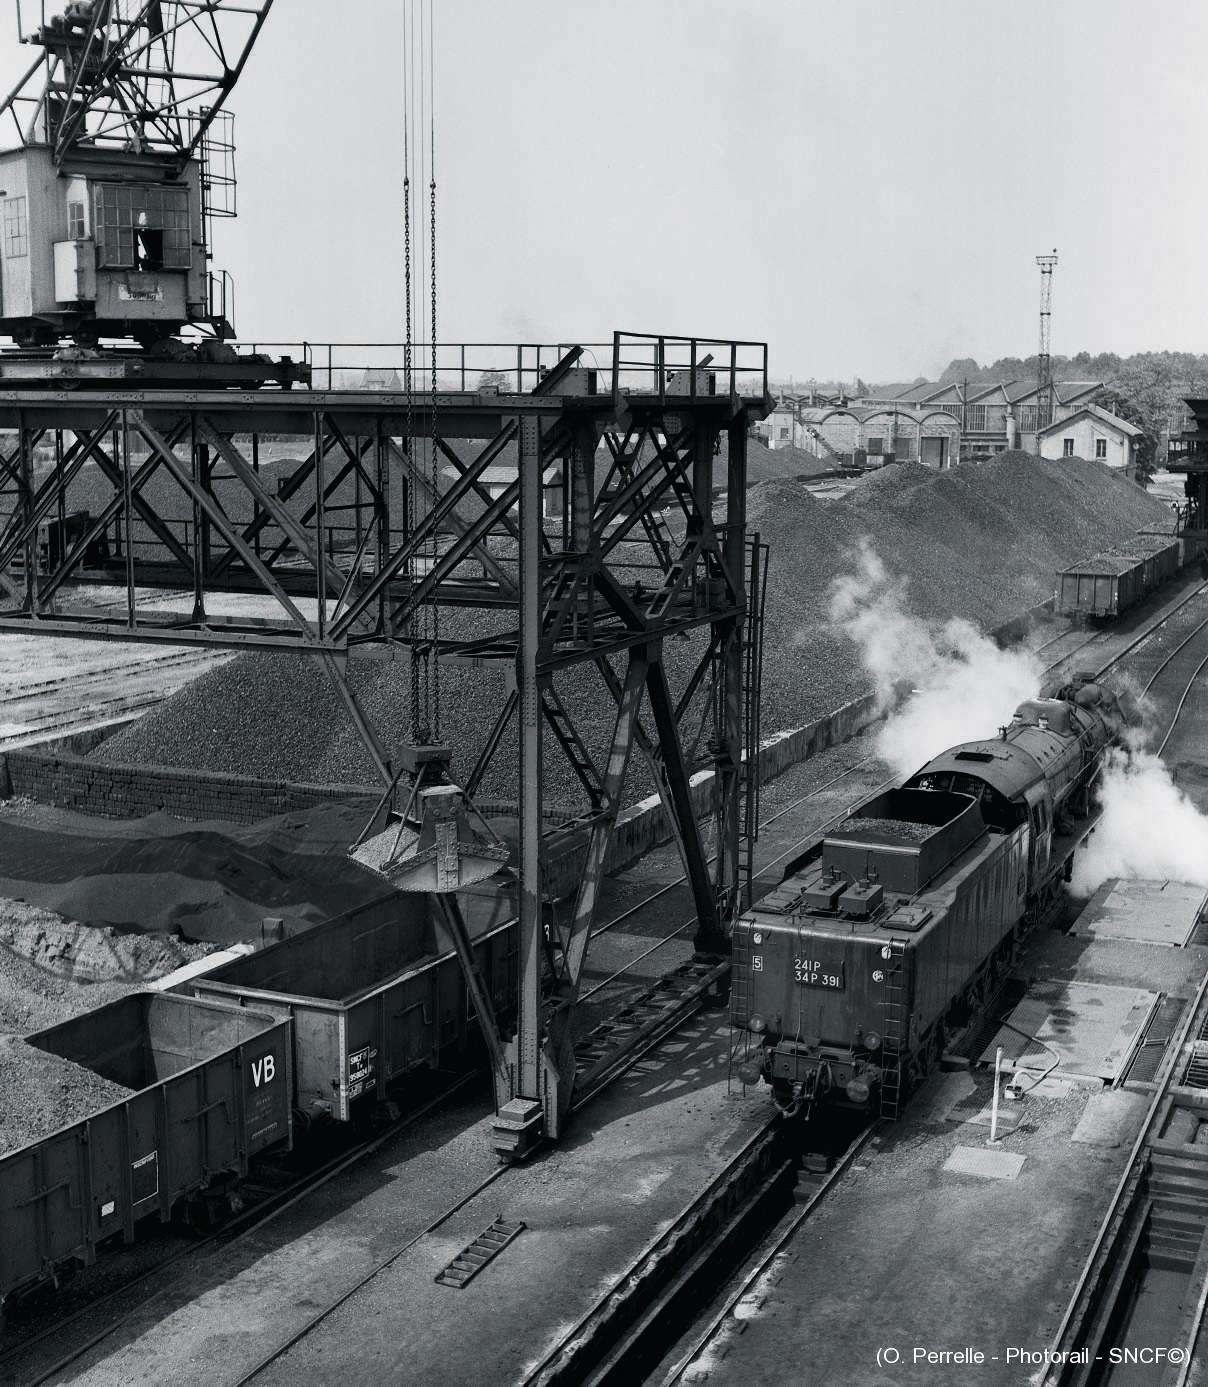 Depot vapeur Nevers